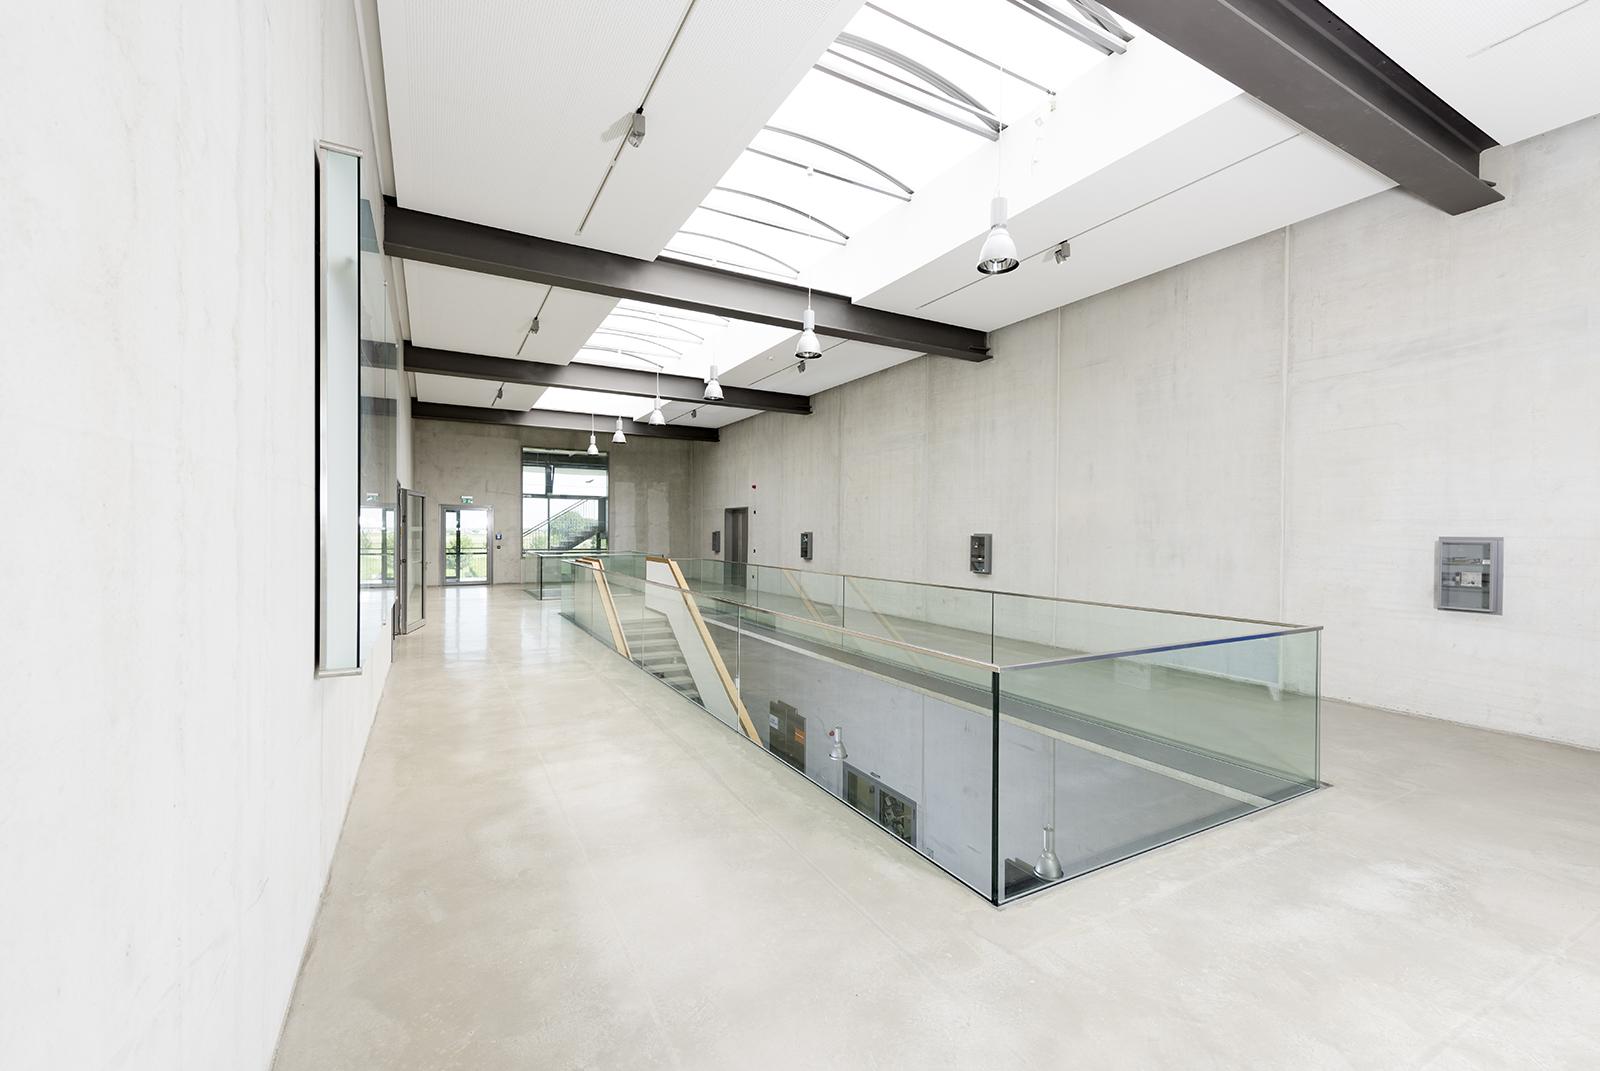 Innenarchitektur Metallinnung Garching München Obergeschoss mit Treppe. Feigefotodesign